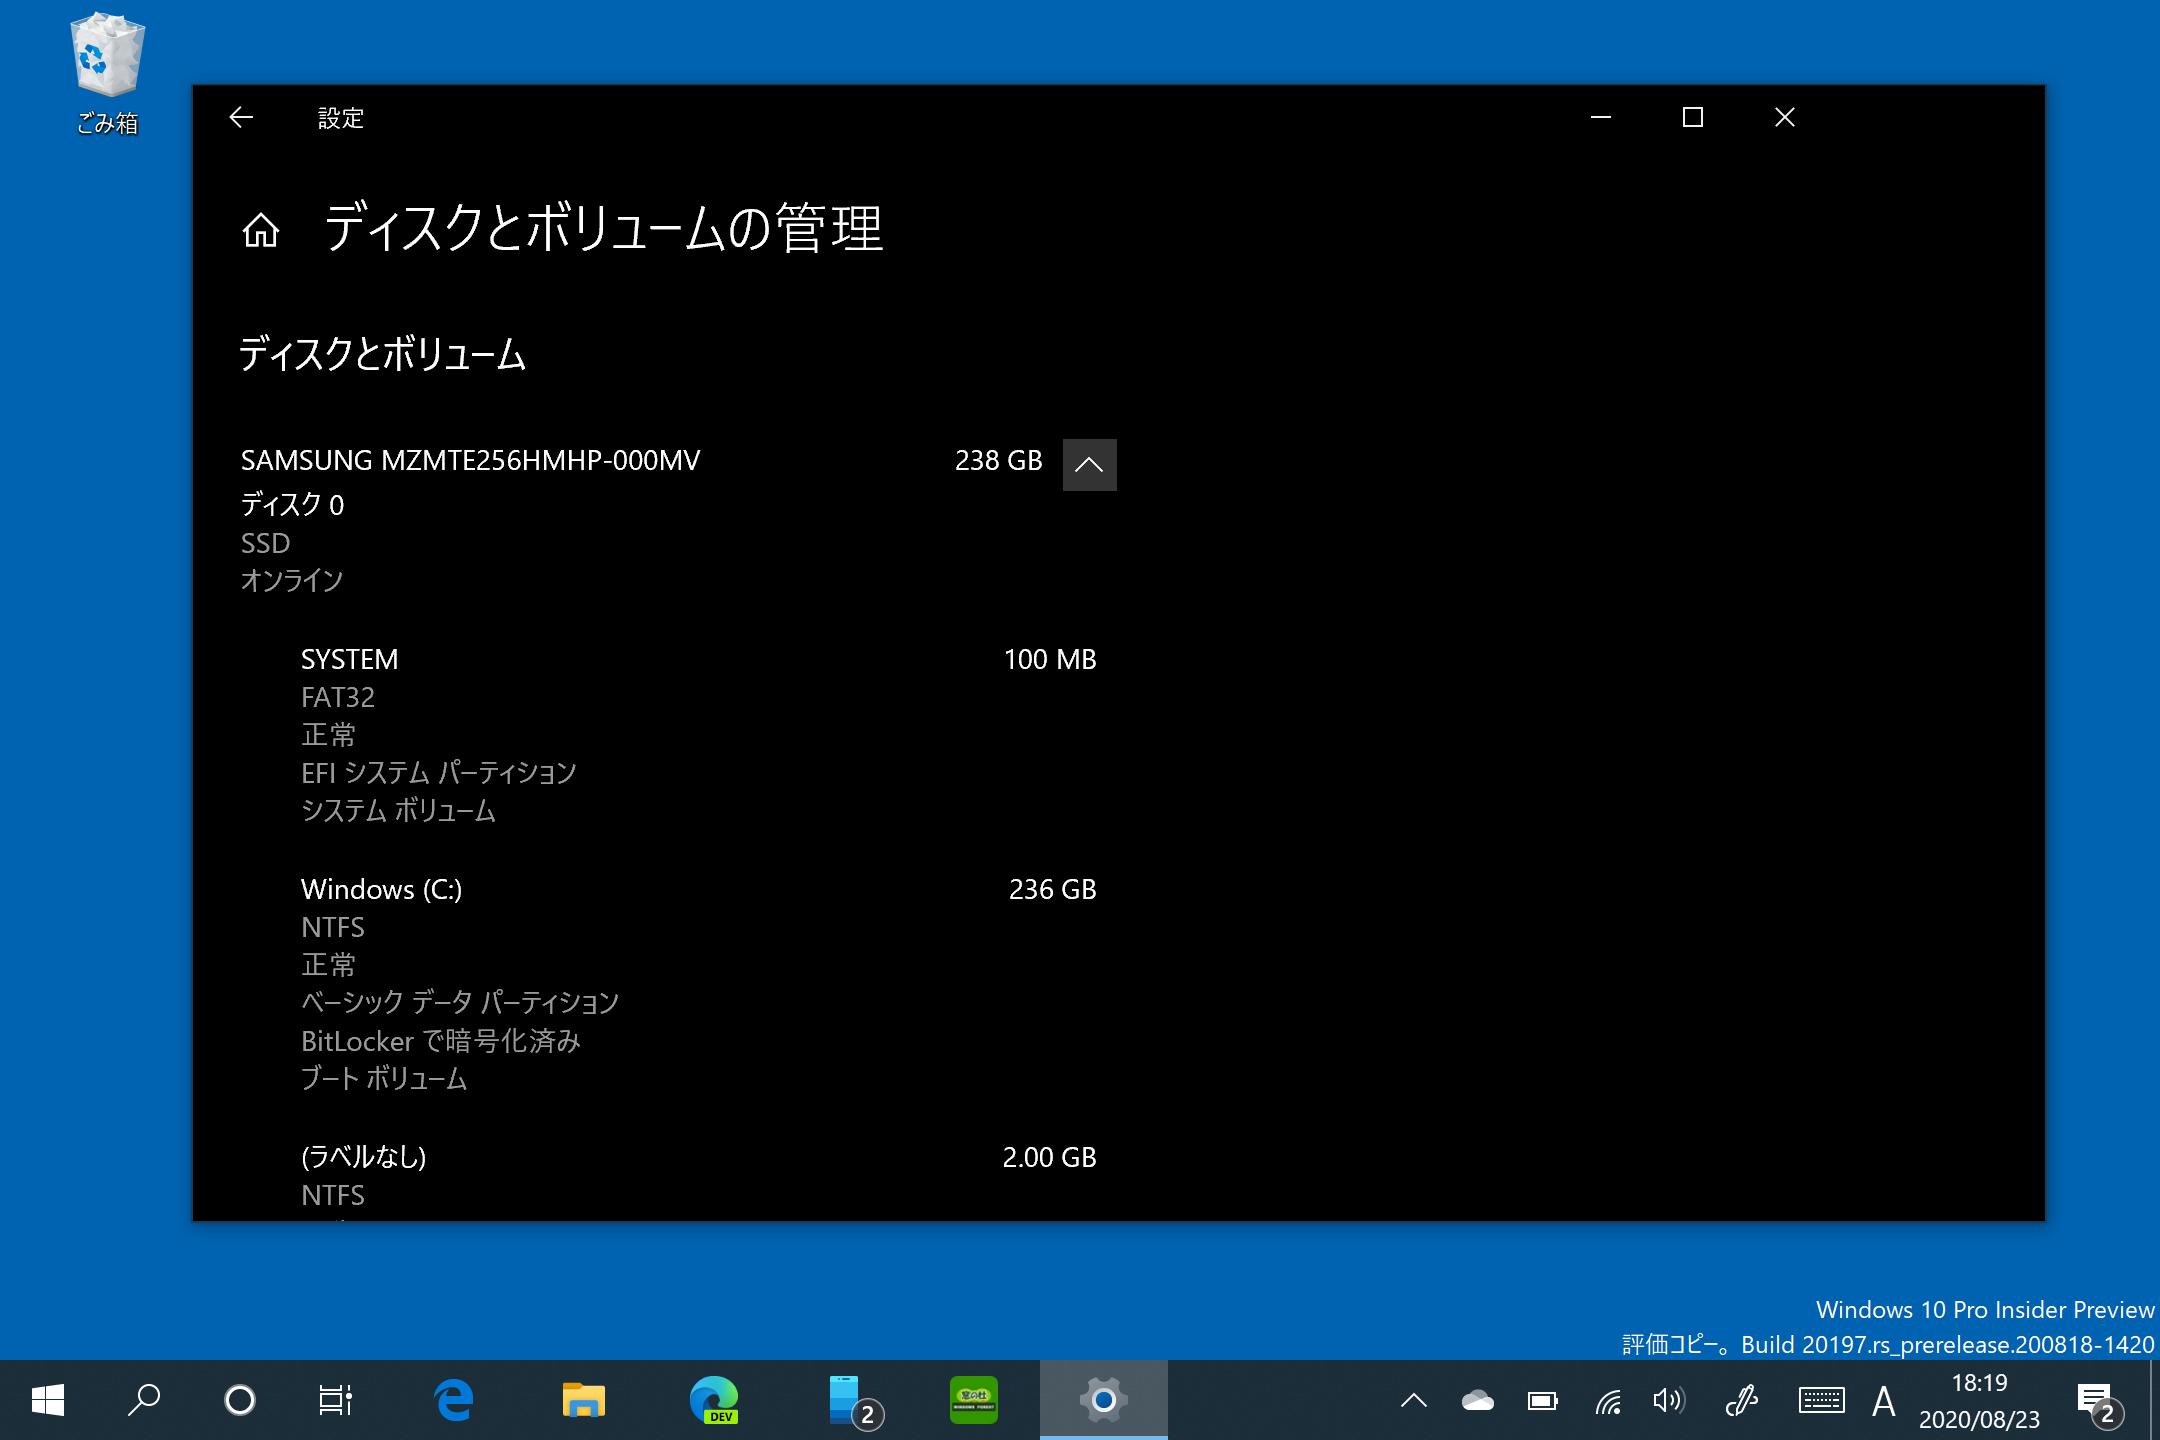 「設定」アプリに移植された「ディスクの管理」機能